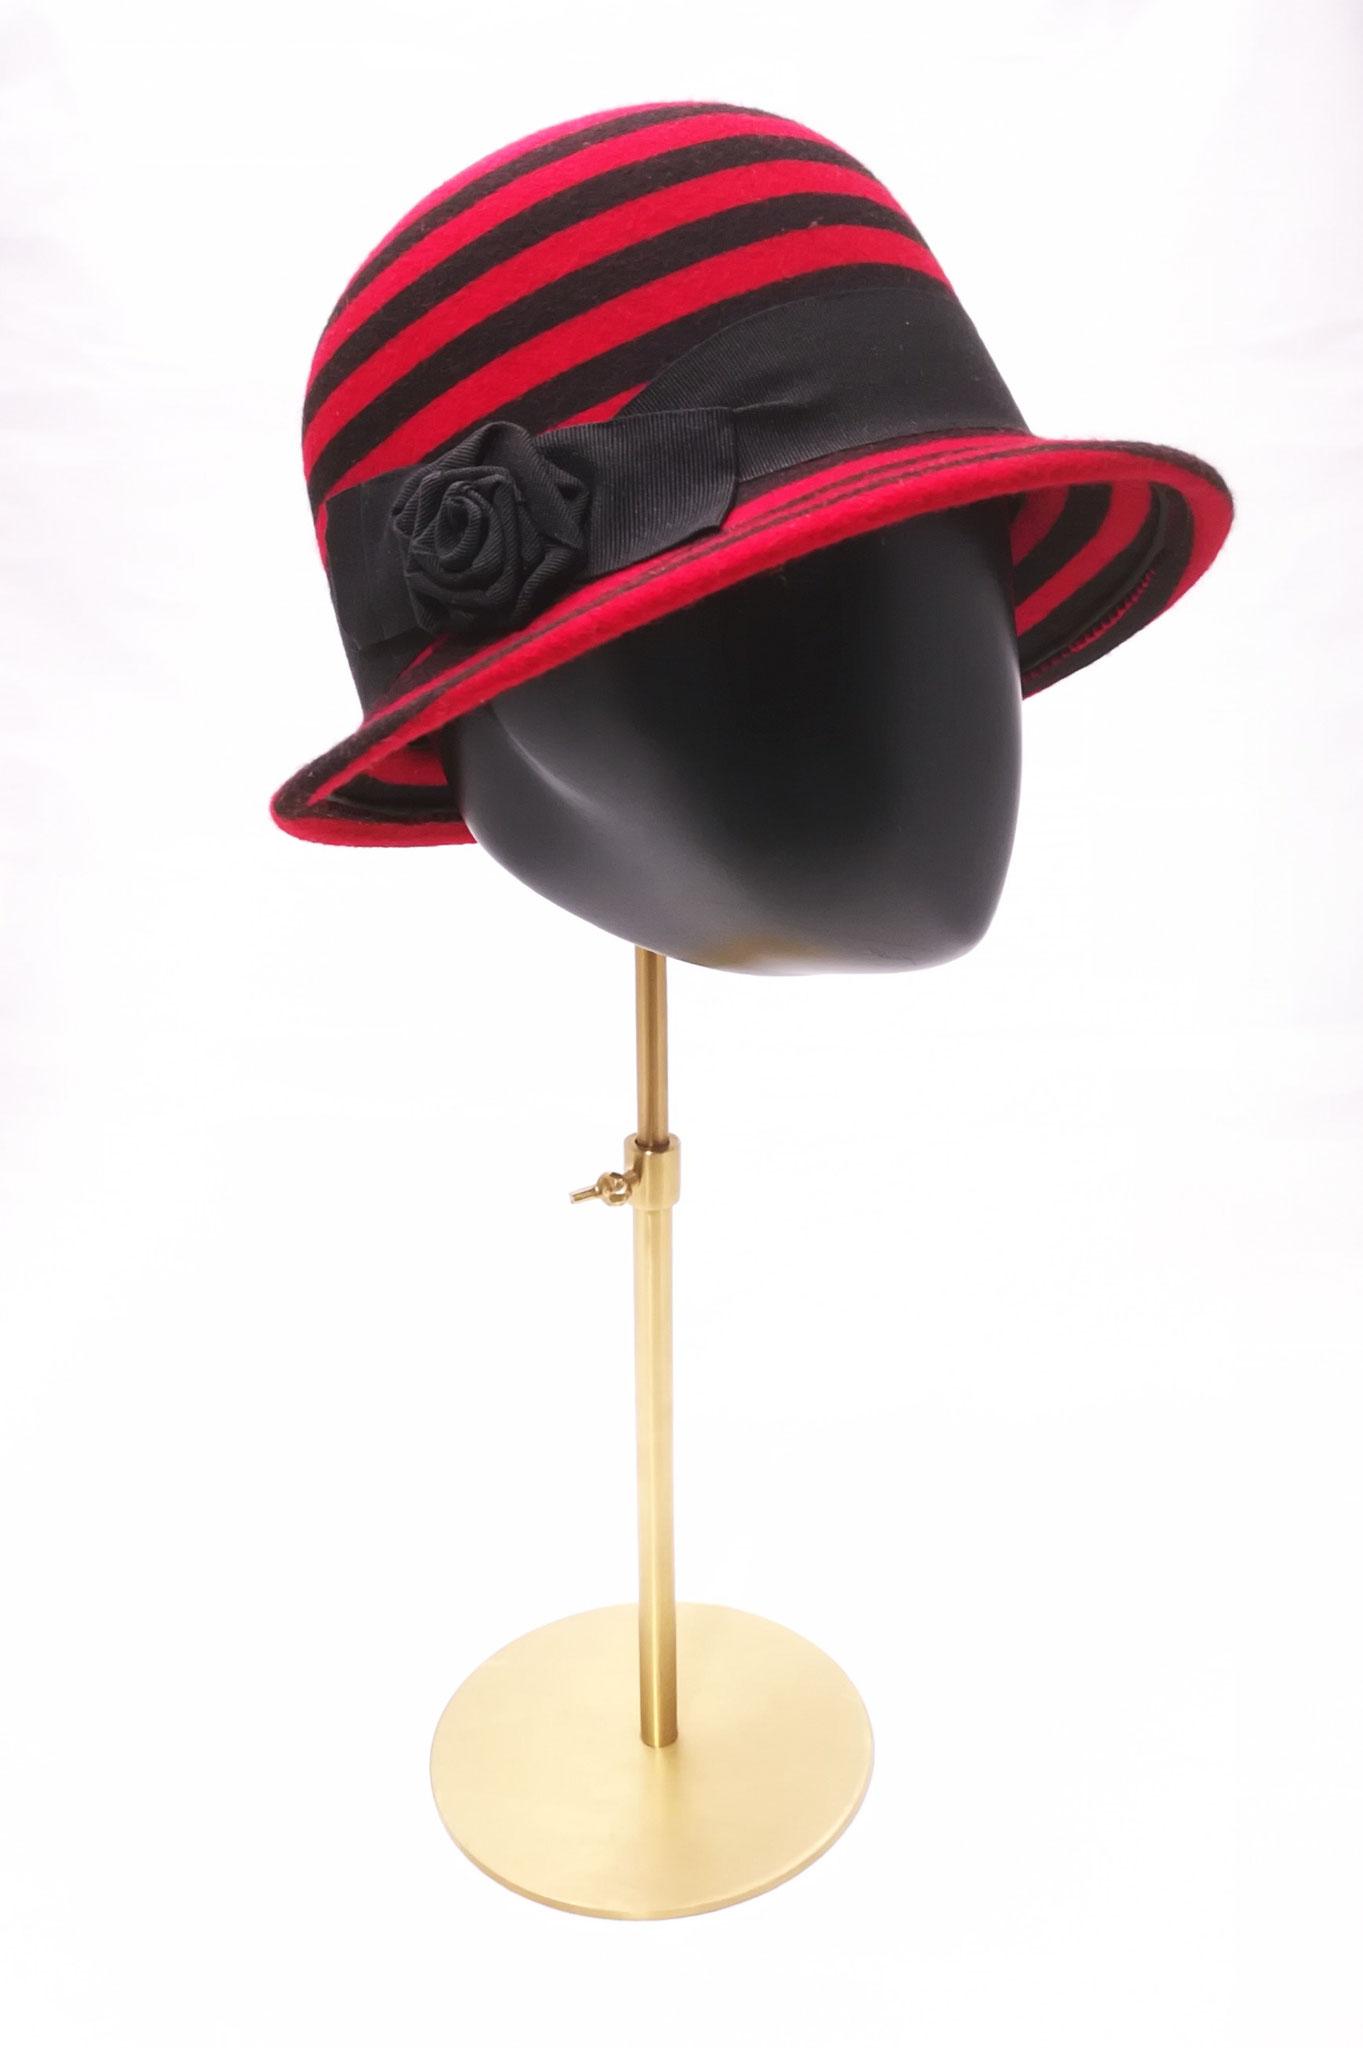 elegante Filzcloche, Einzelstück, Manufakturarbeit, bestellbar - Preis 189,90 €